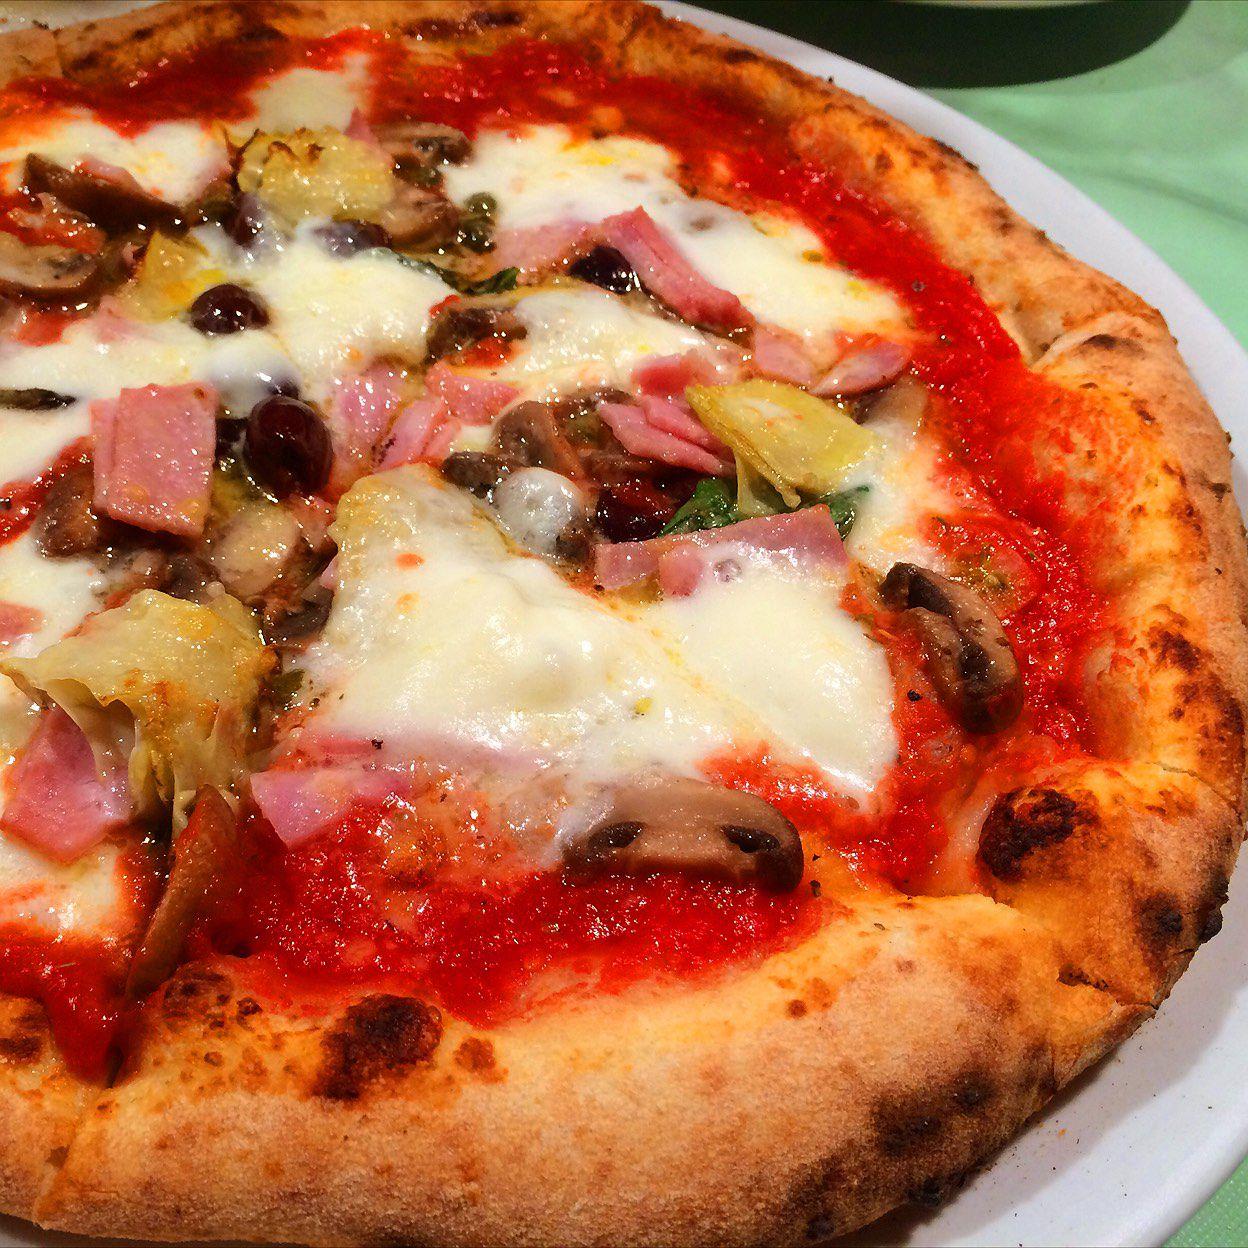 屋 近く の ピザ